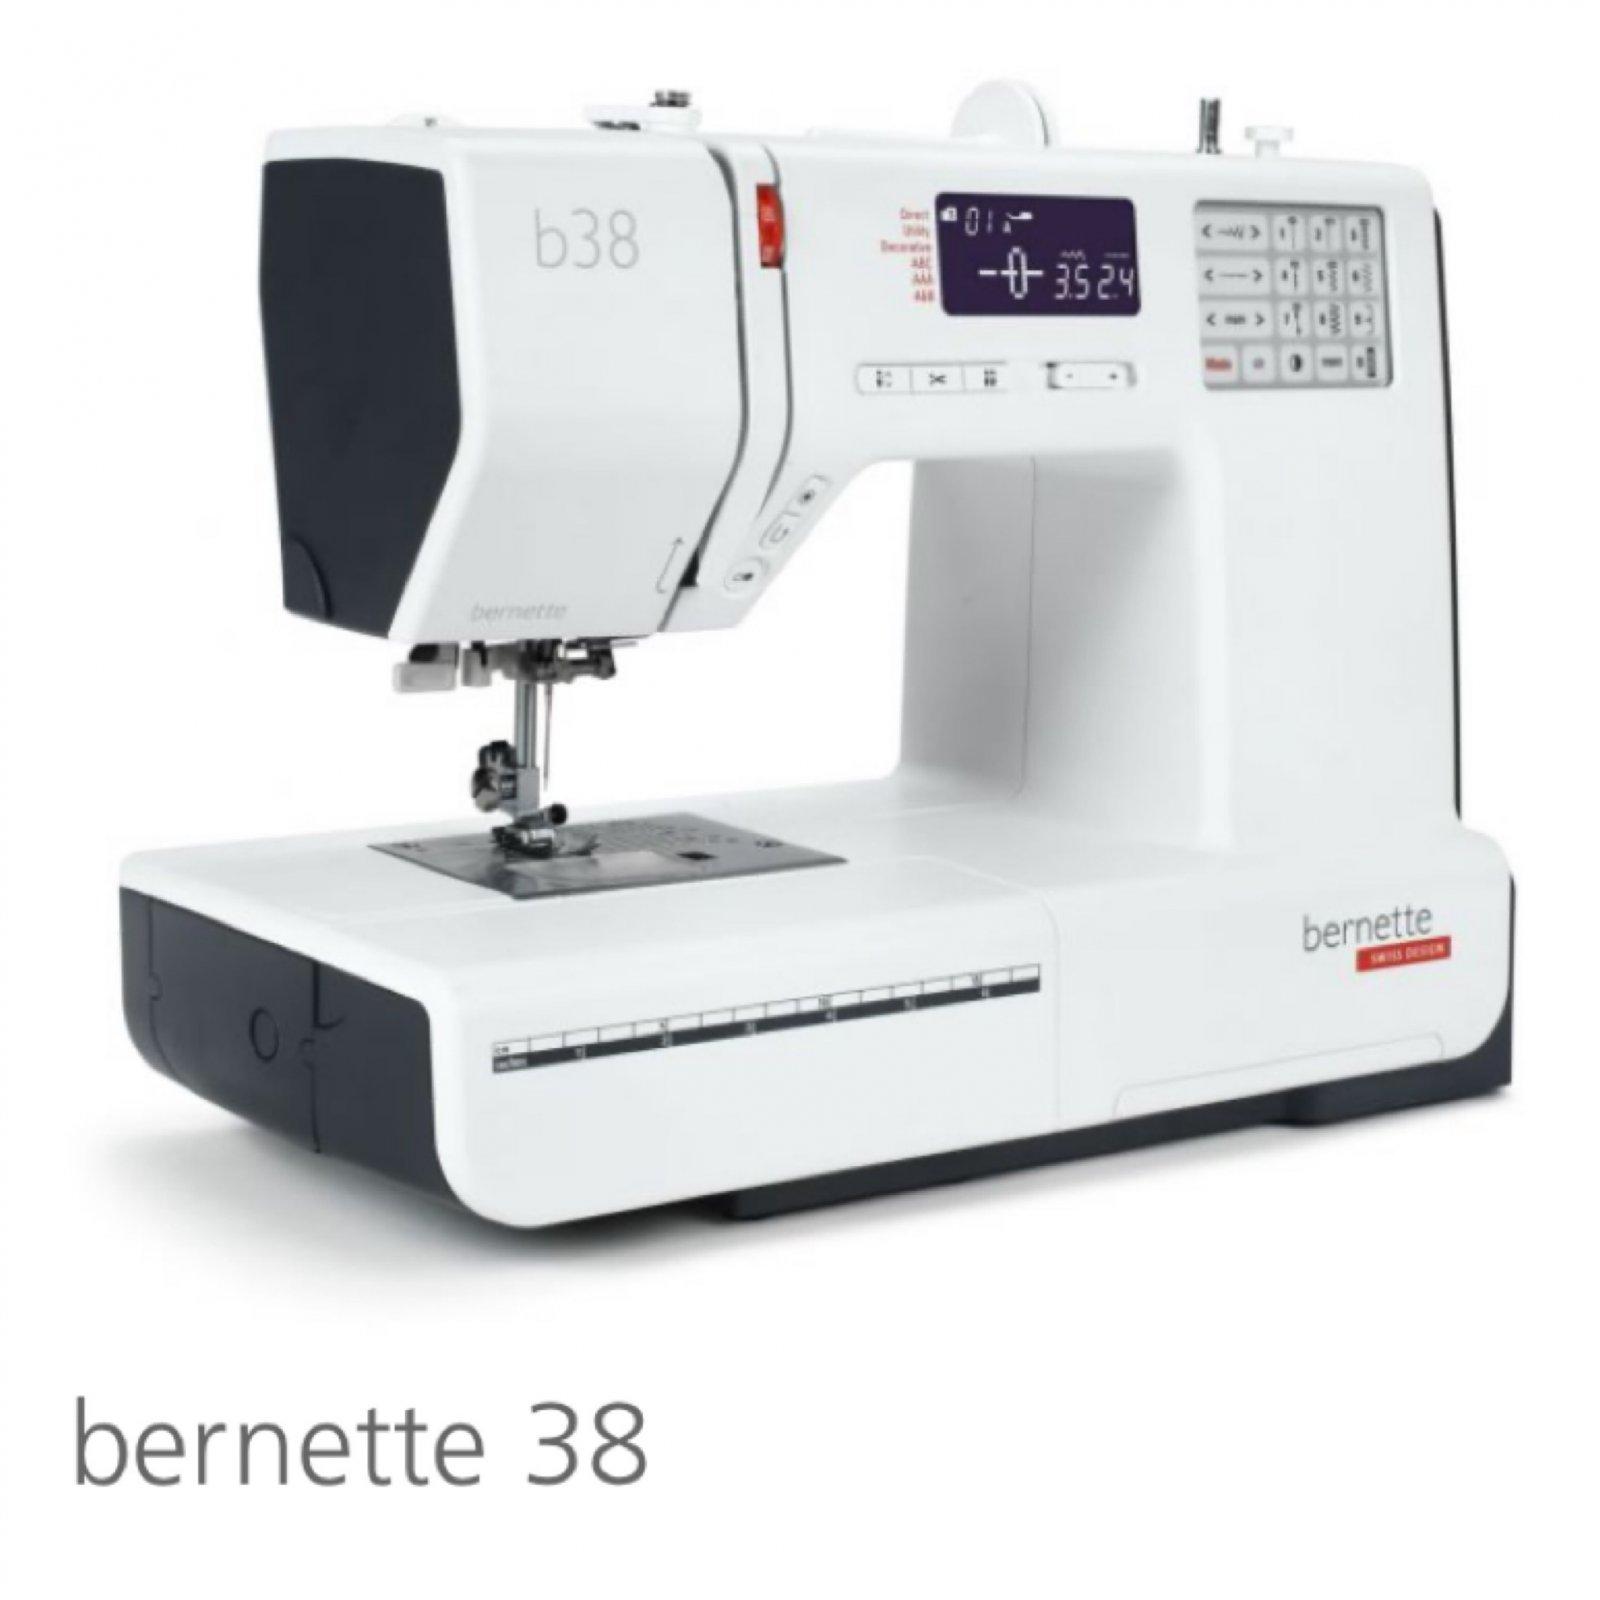 bernette 38